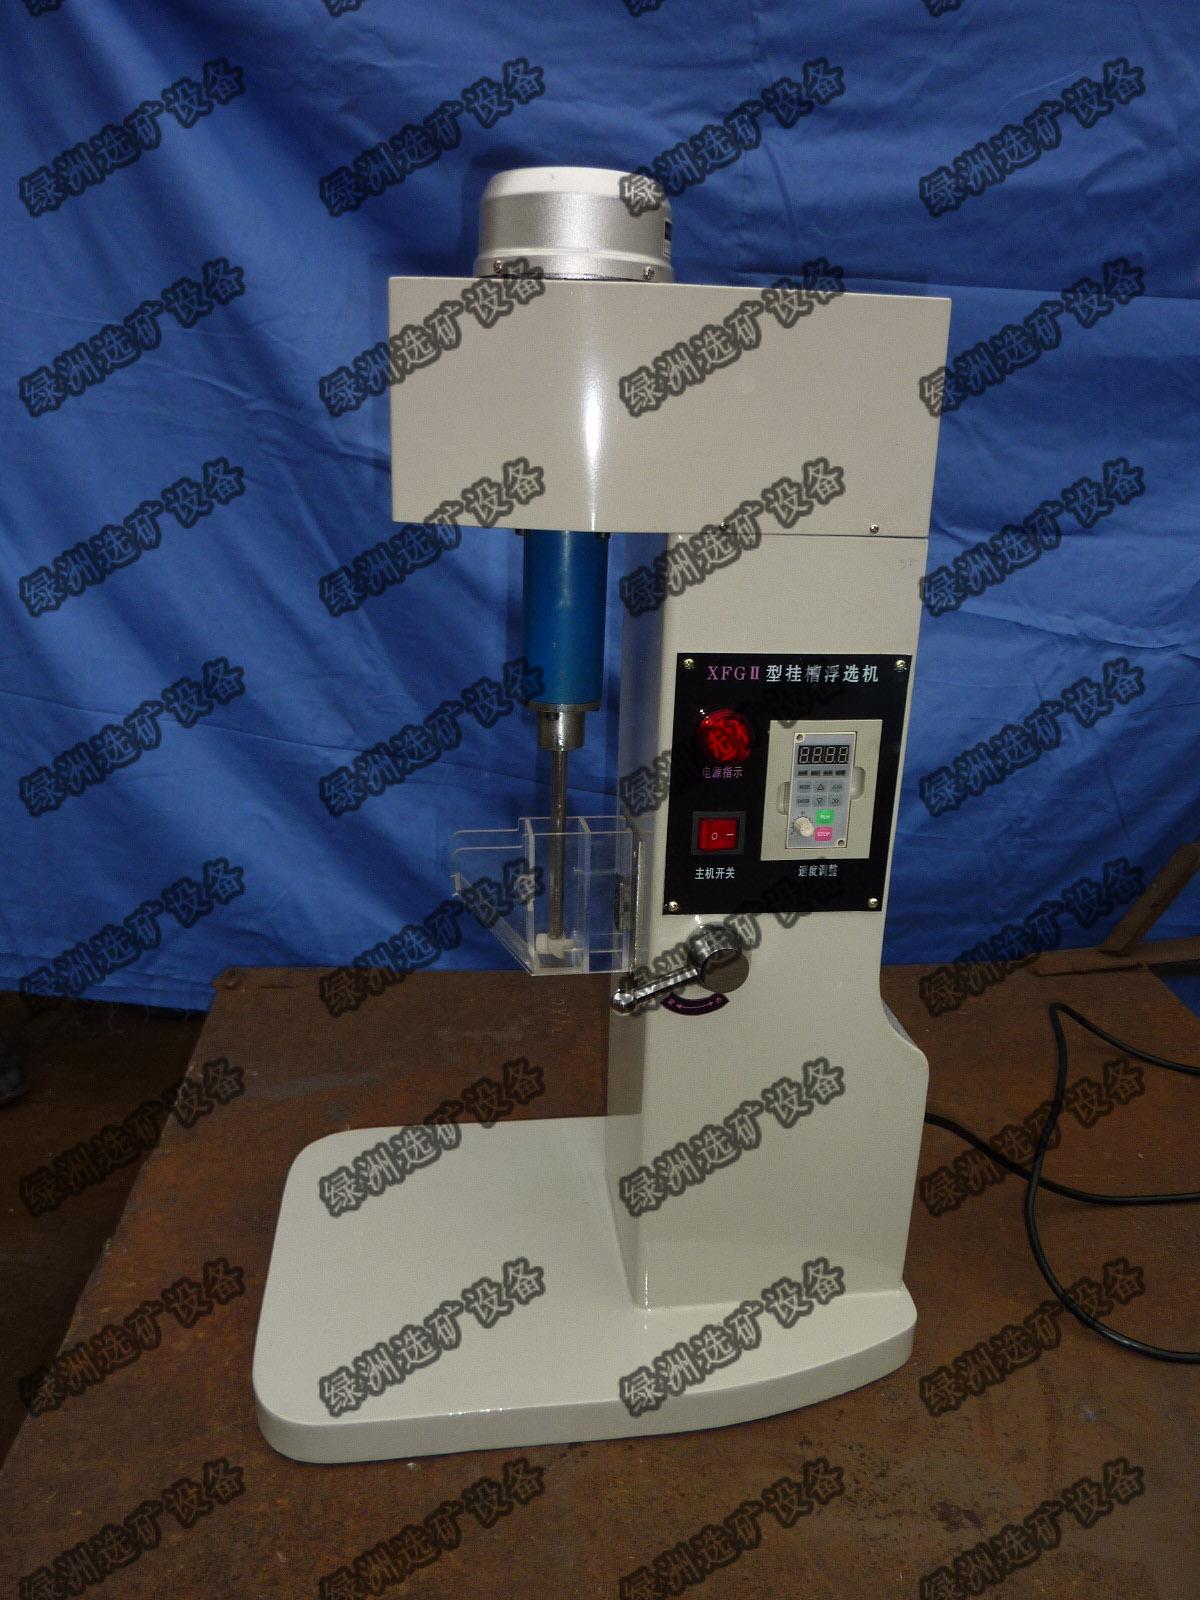 挂槽浮选机 实验室XFGⅡ型浮选机 变频调速挂槽浮选机 小型挂槽浮选机